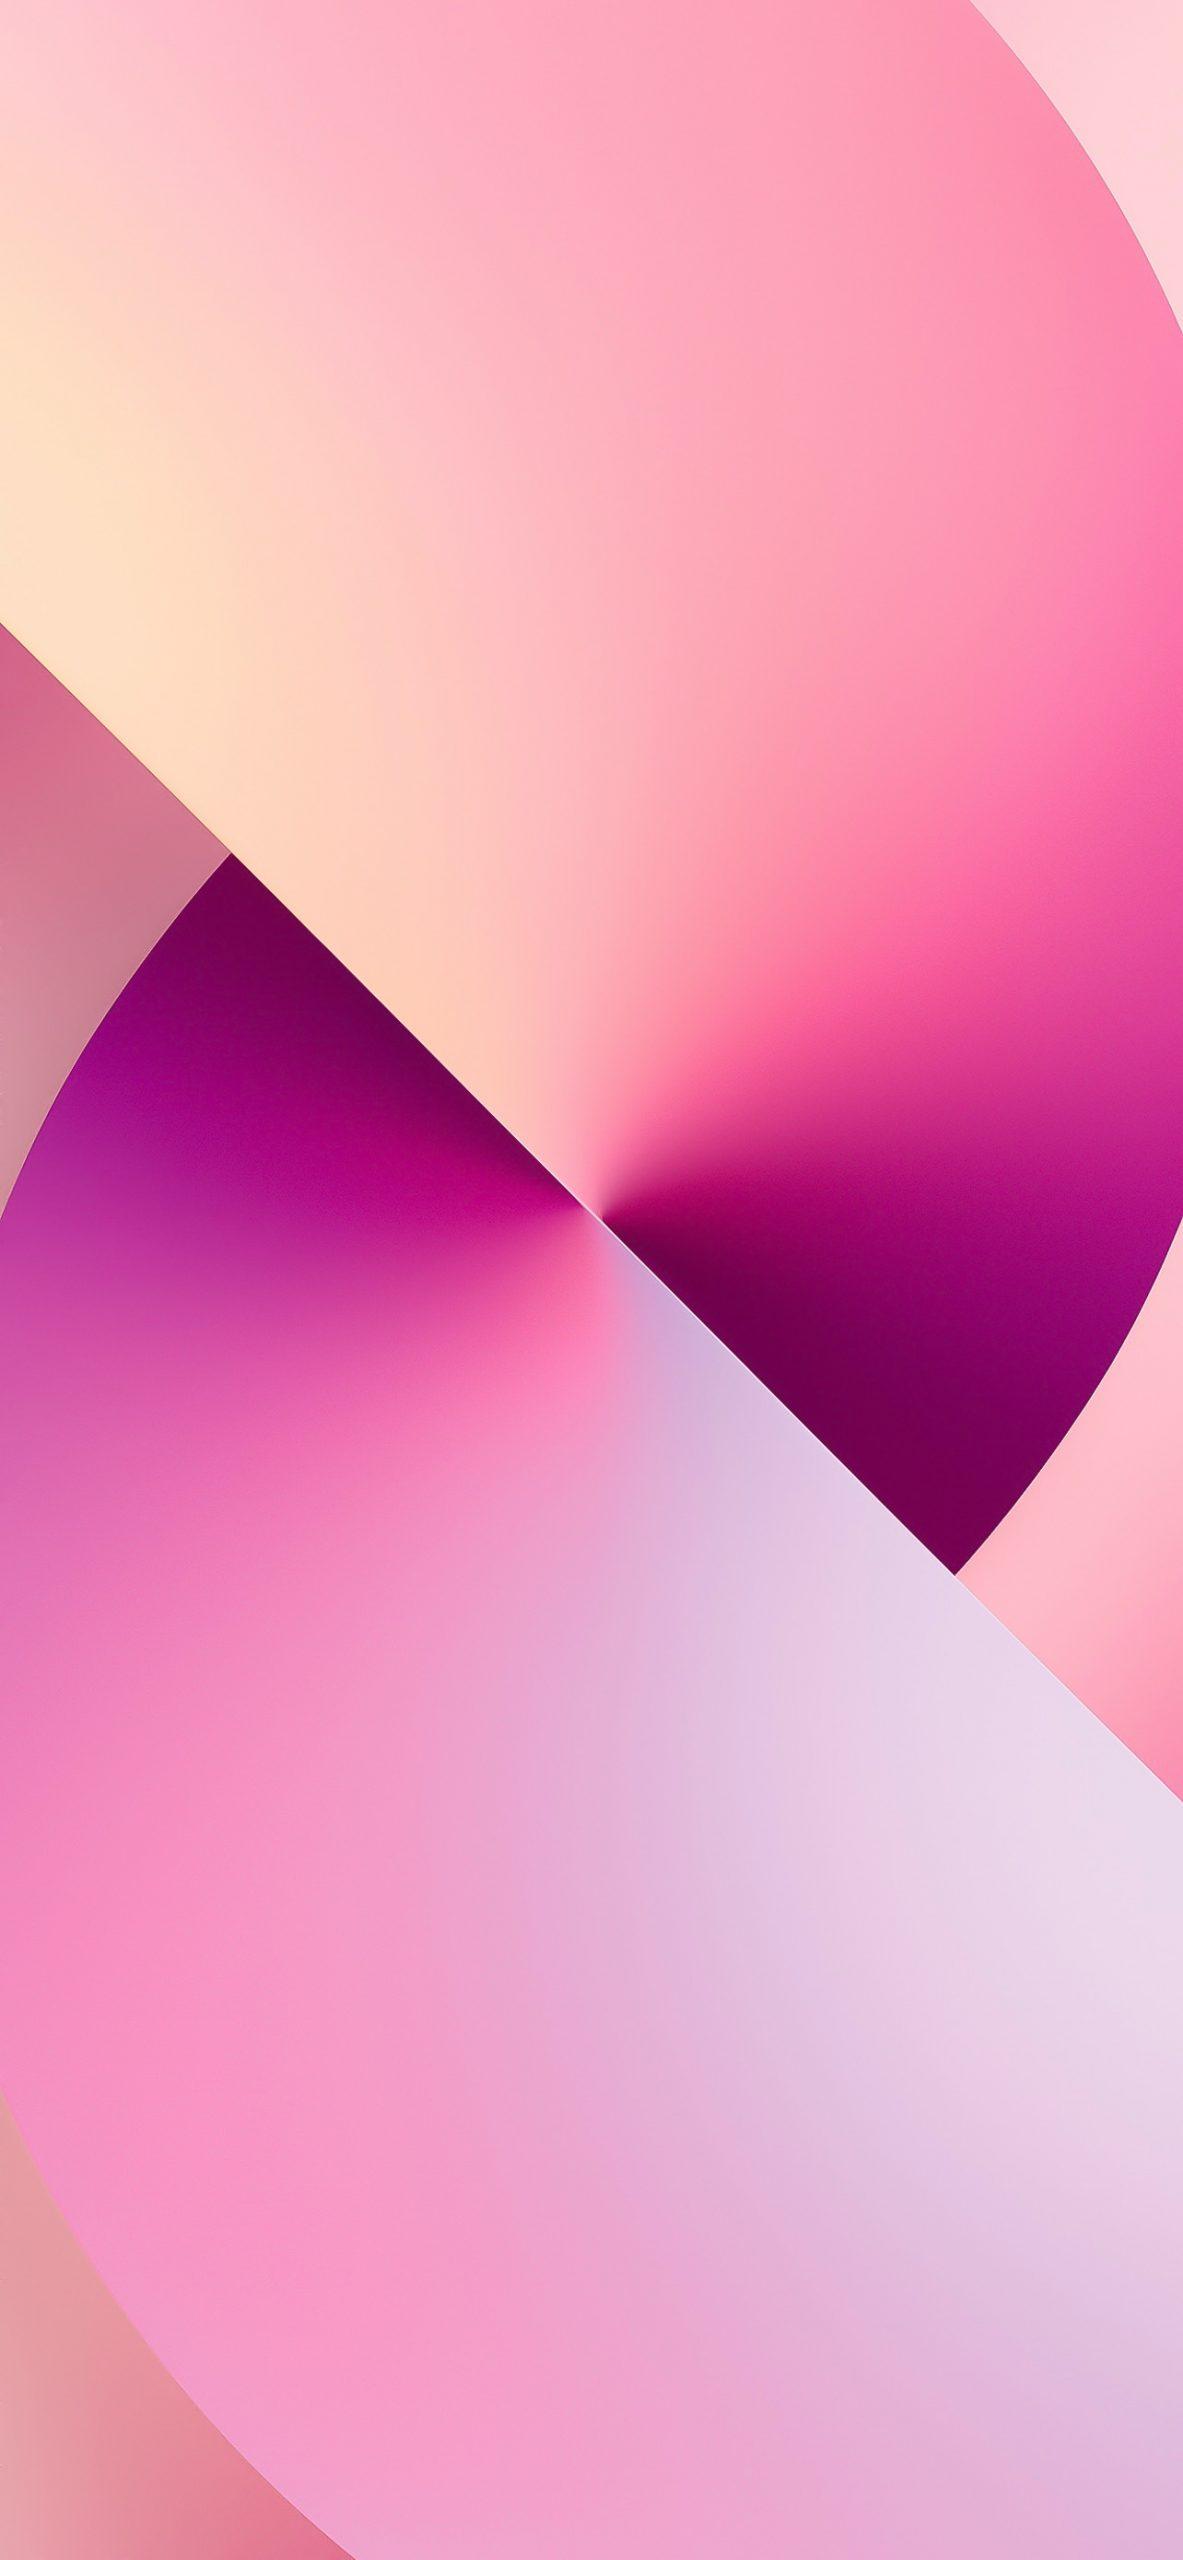 iPhone 13 wallpaper light pink